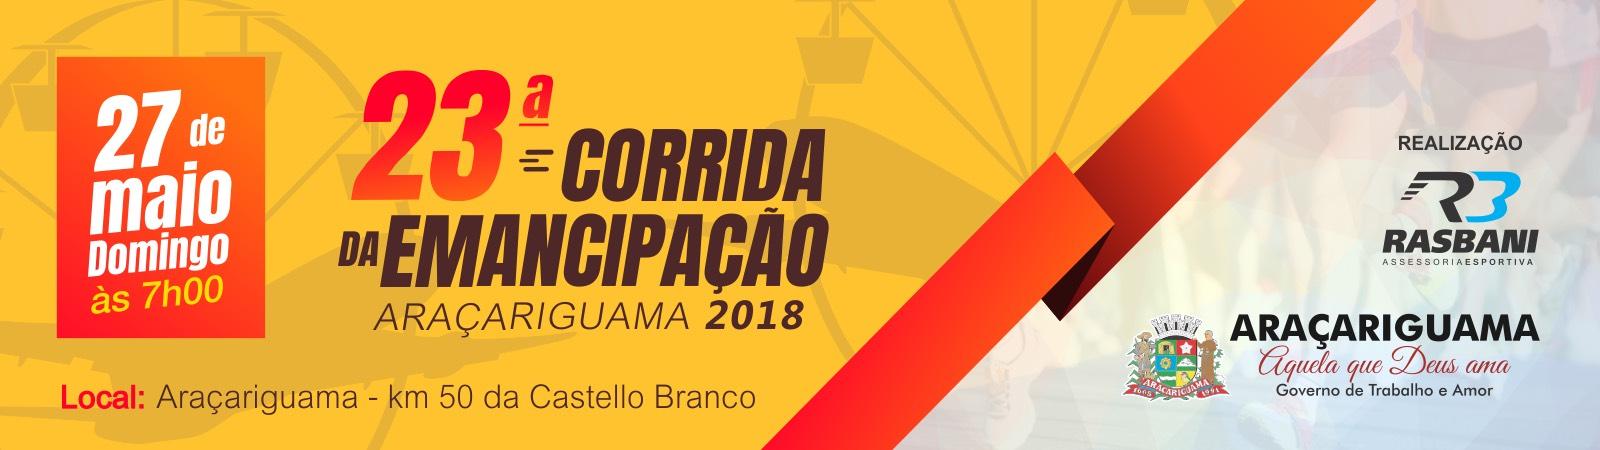 23ª Corrida da Emancipação da Araçariguama - 2018